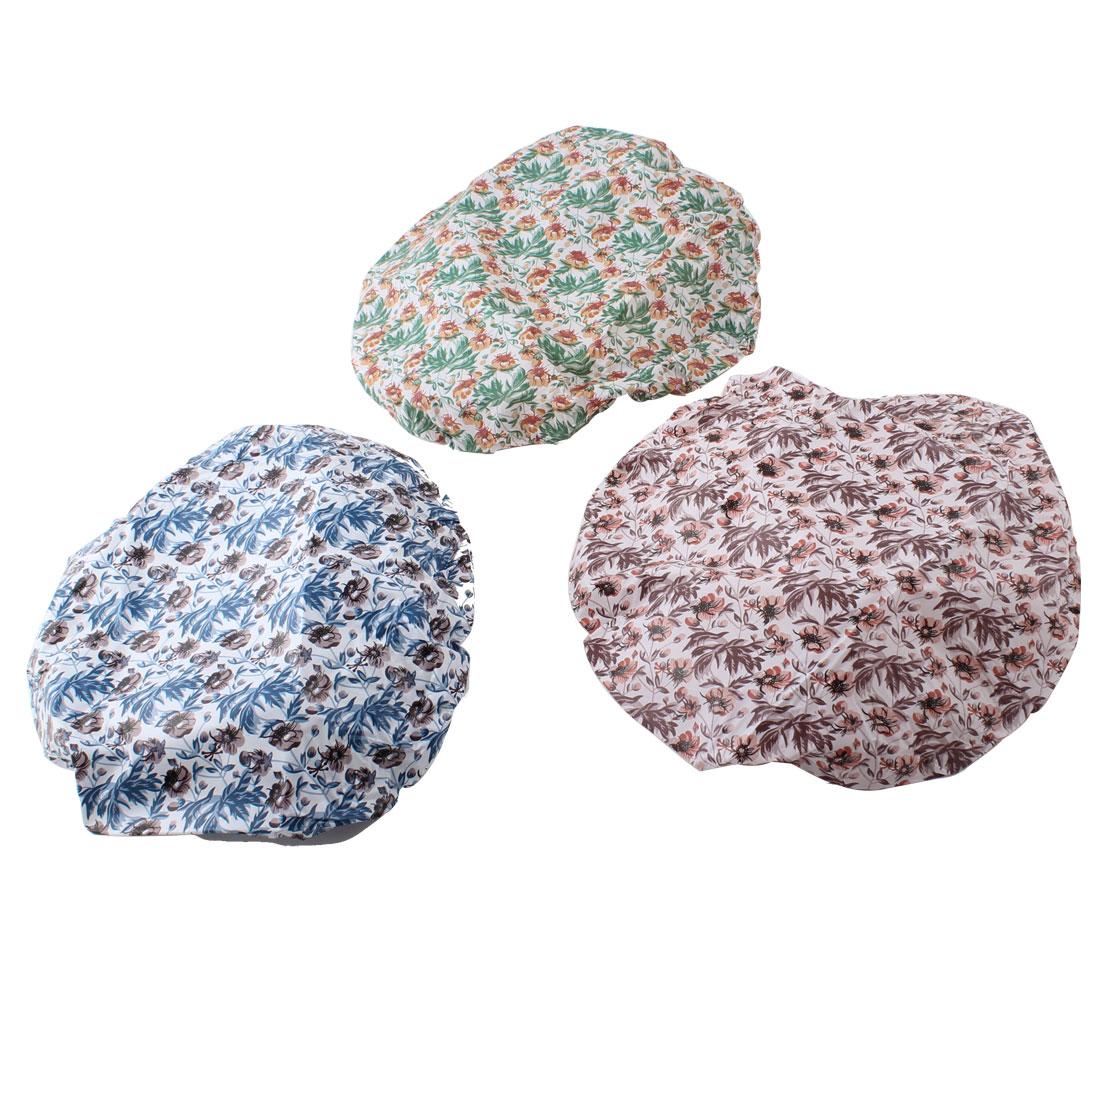 Elastic Hem Assorted Color Flowers Pattern Plastic Shower Cap 3 Pcs